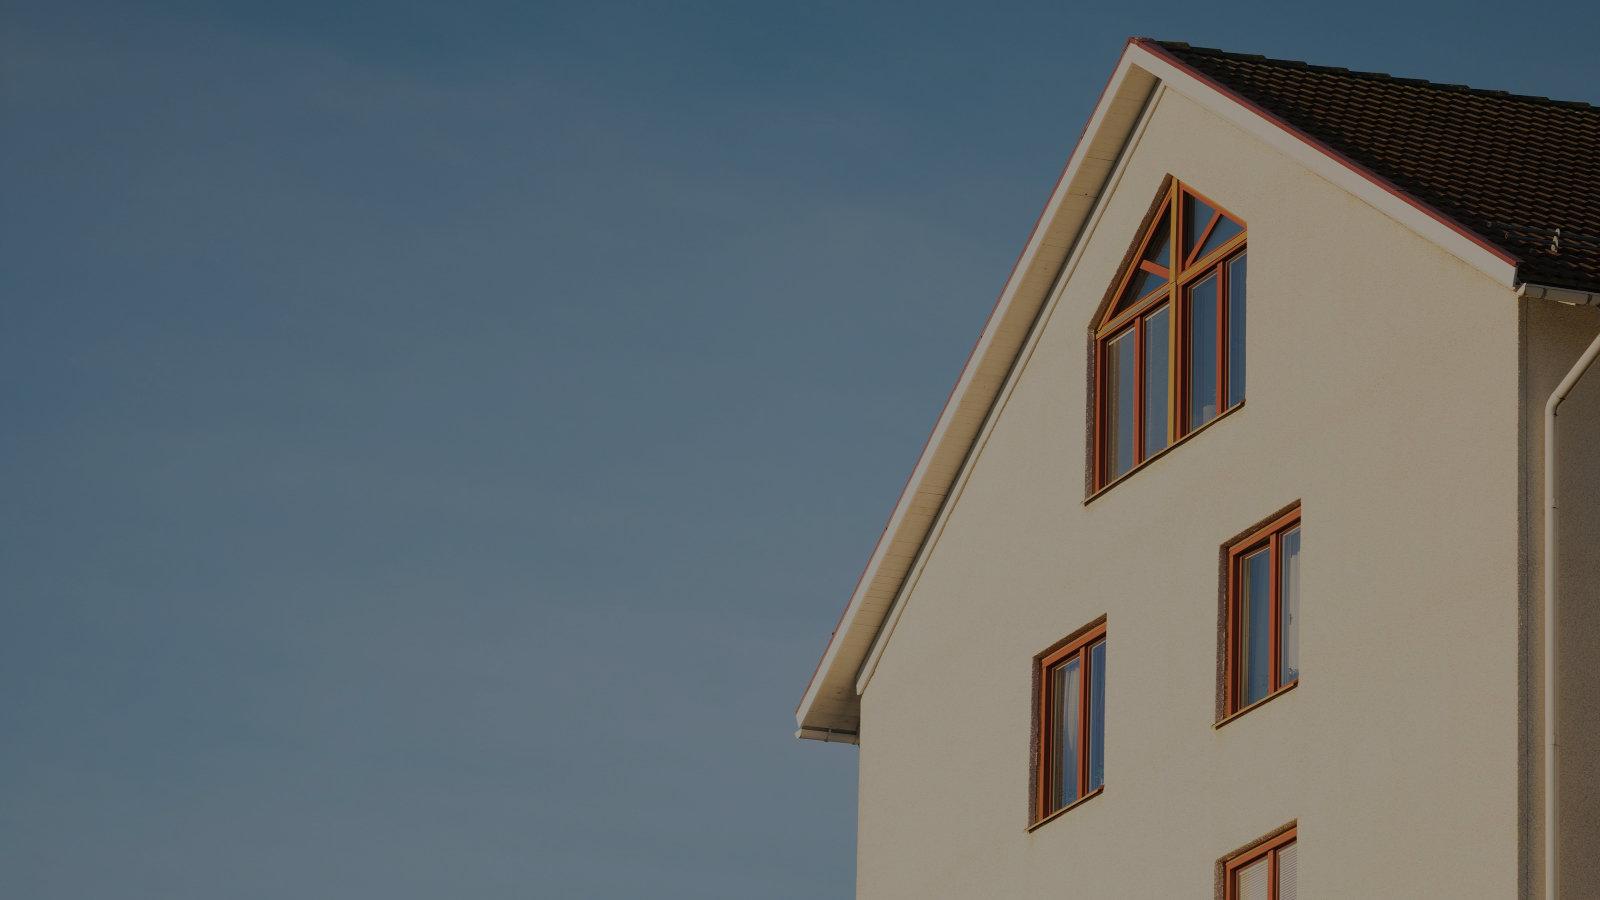 Tesco Landlord Insurance